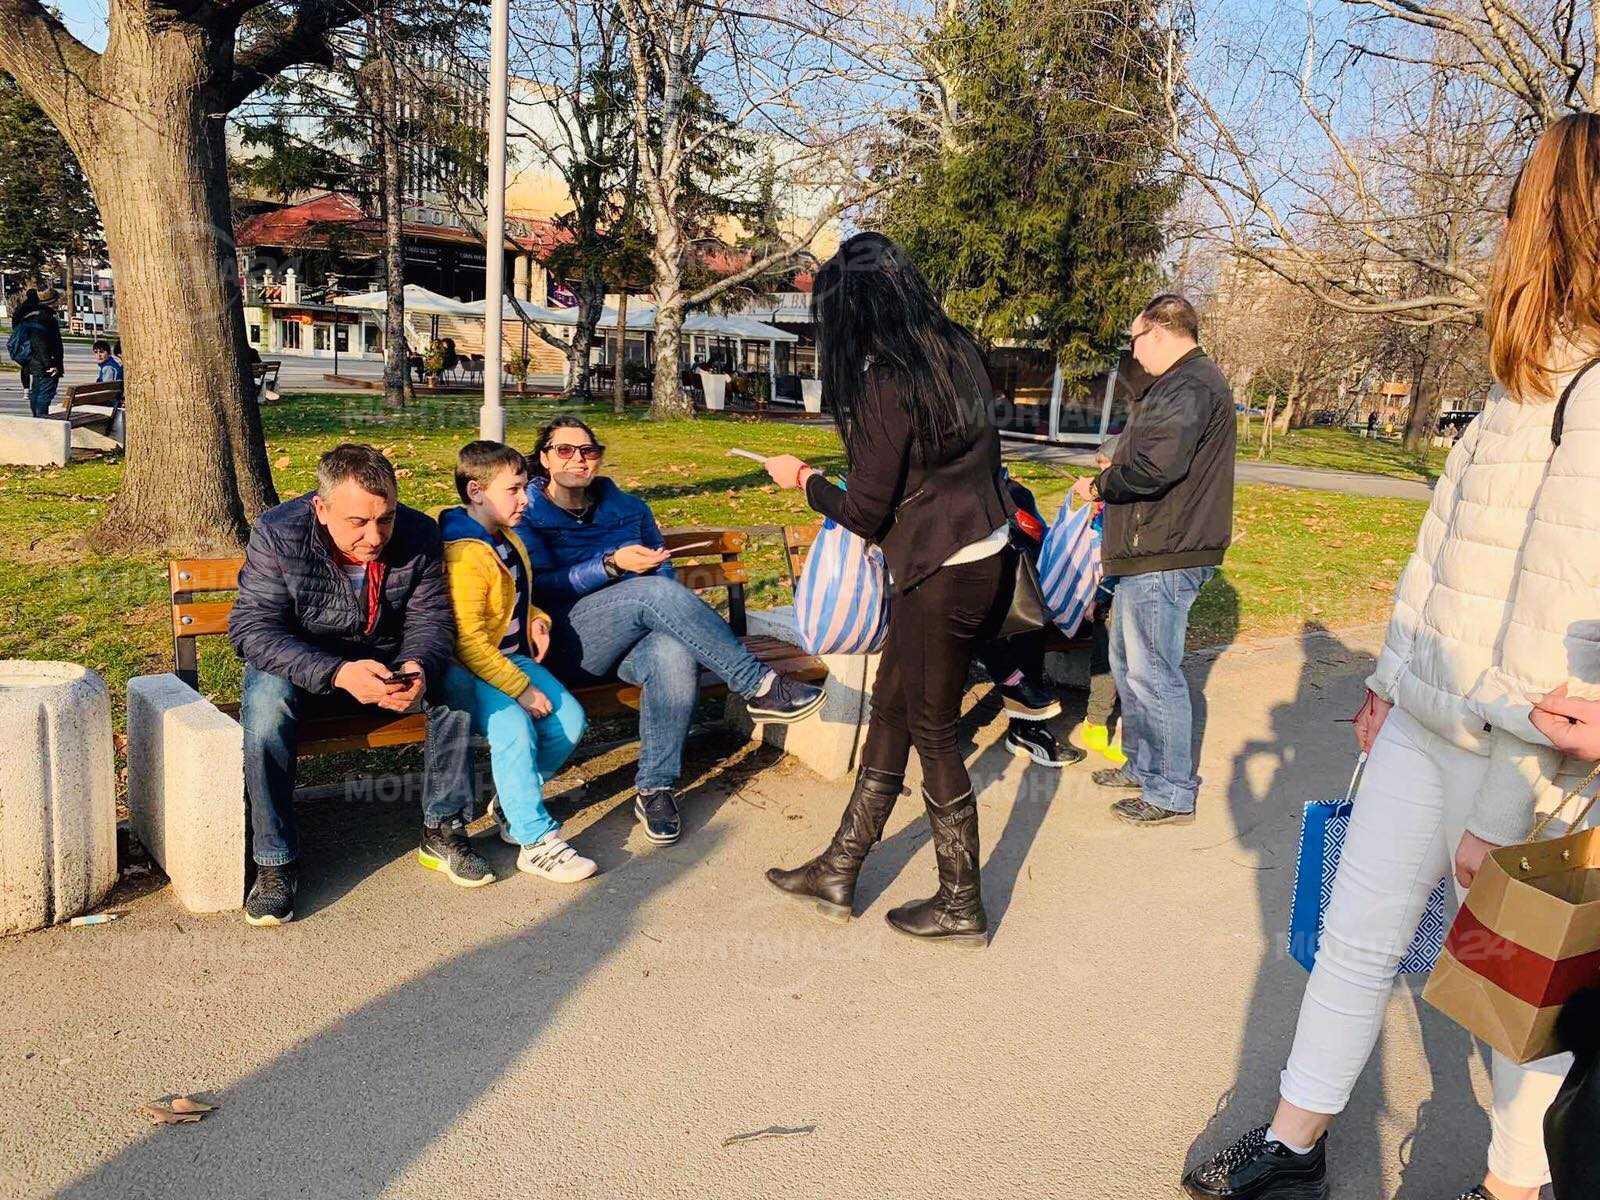 Над 600 мартенички подариха на съгражданите си младежите от МГЕРБ в Монтана